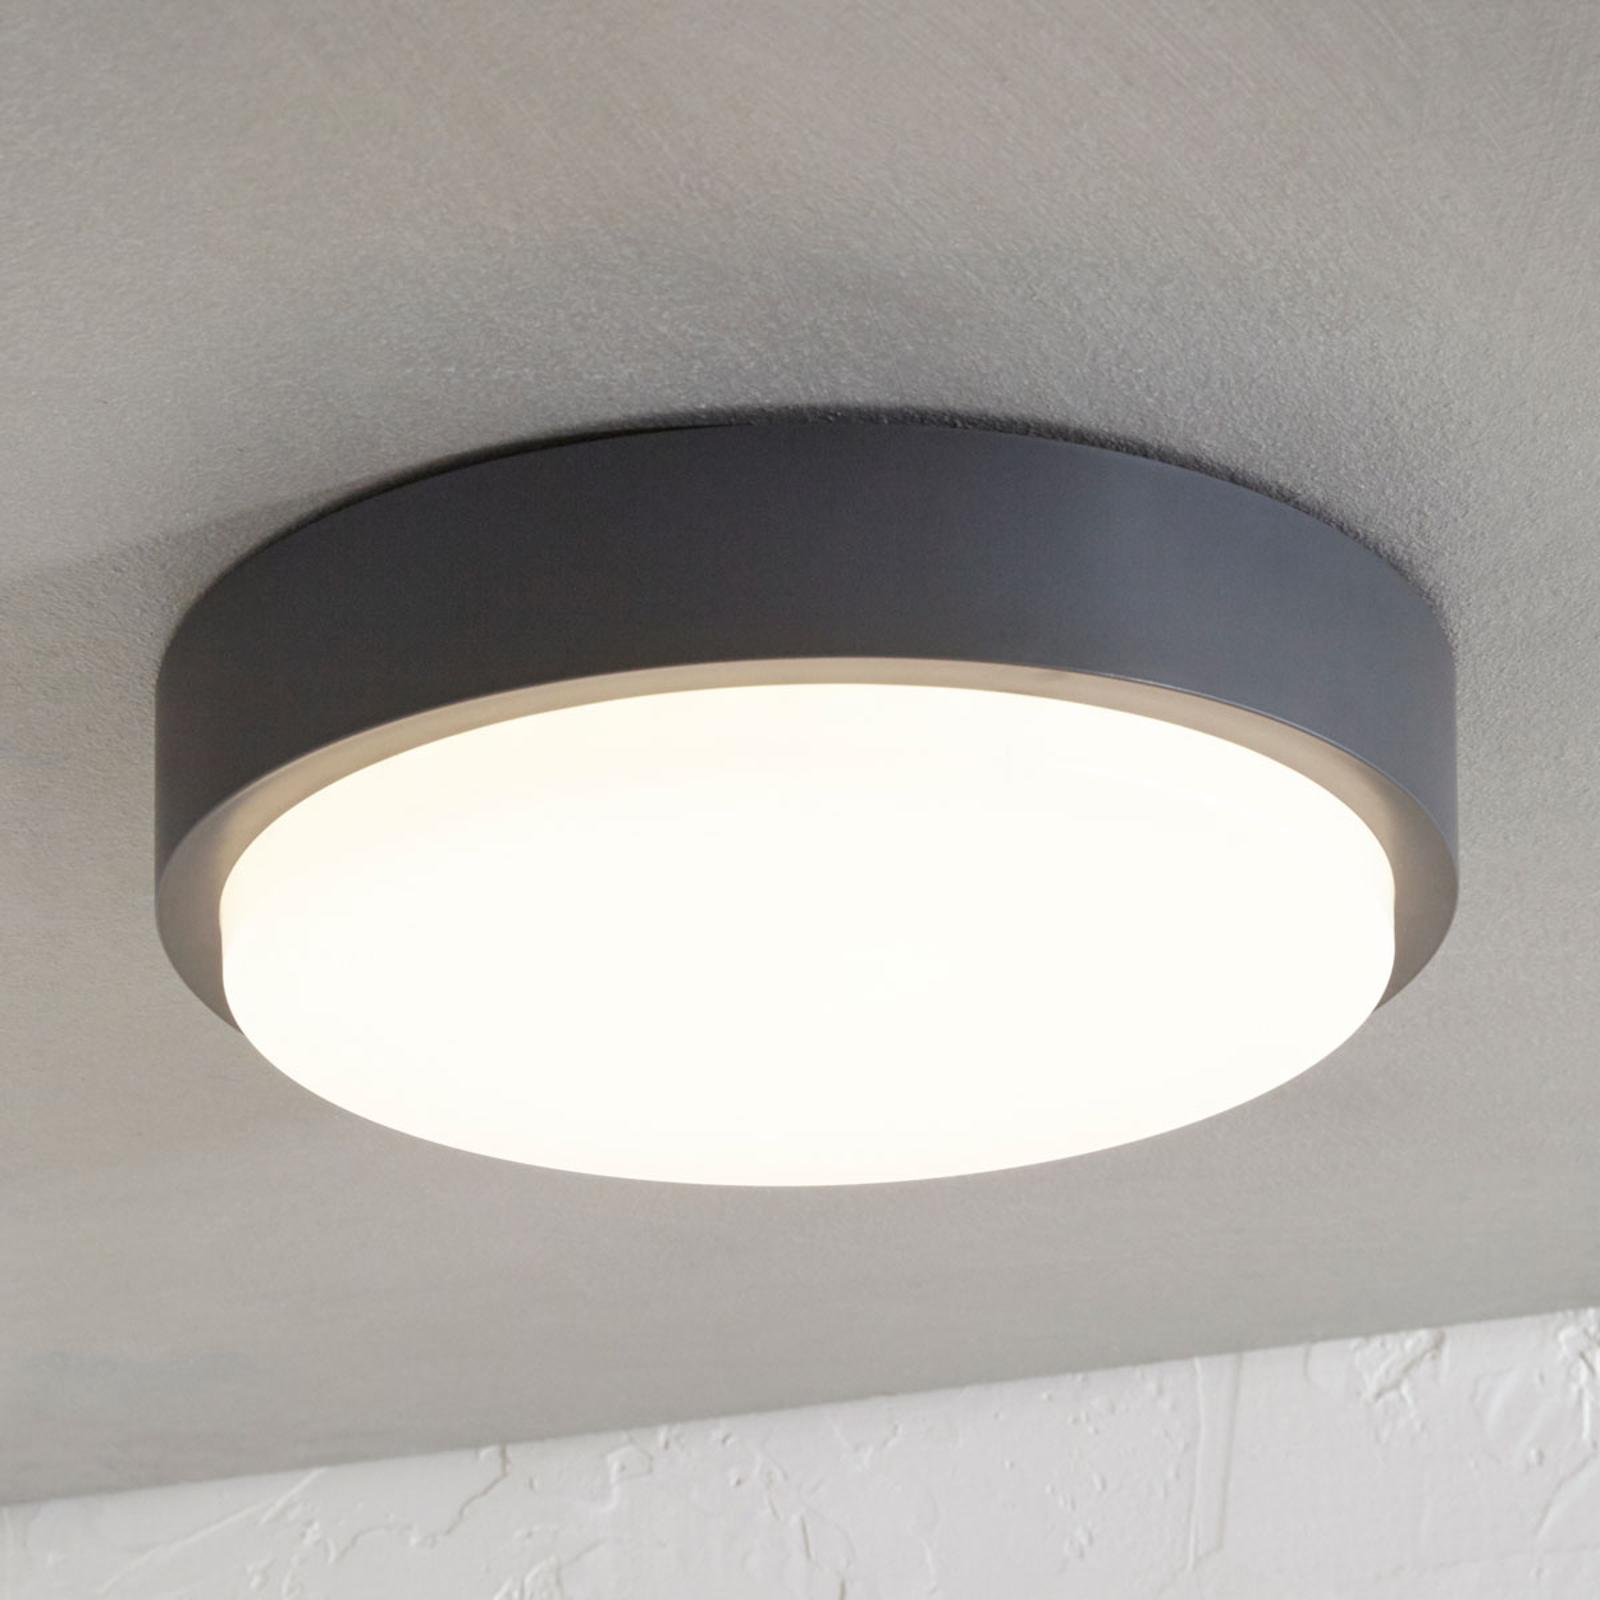 LED-Außendeckenlampe Nermin, IP65, rund